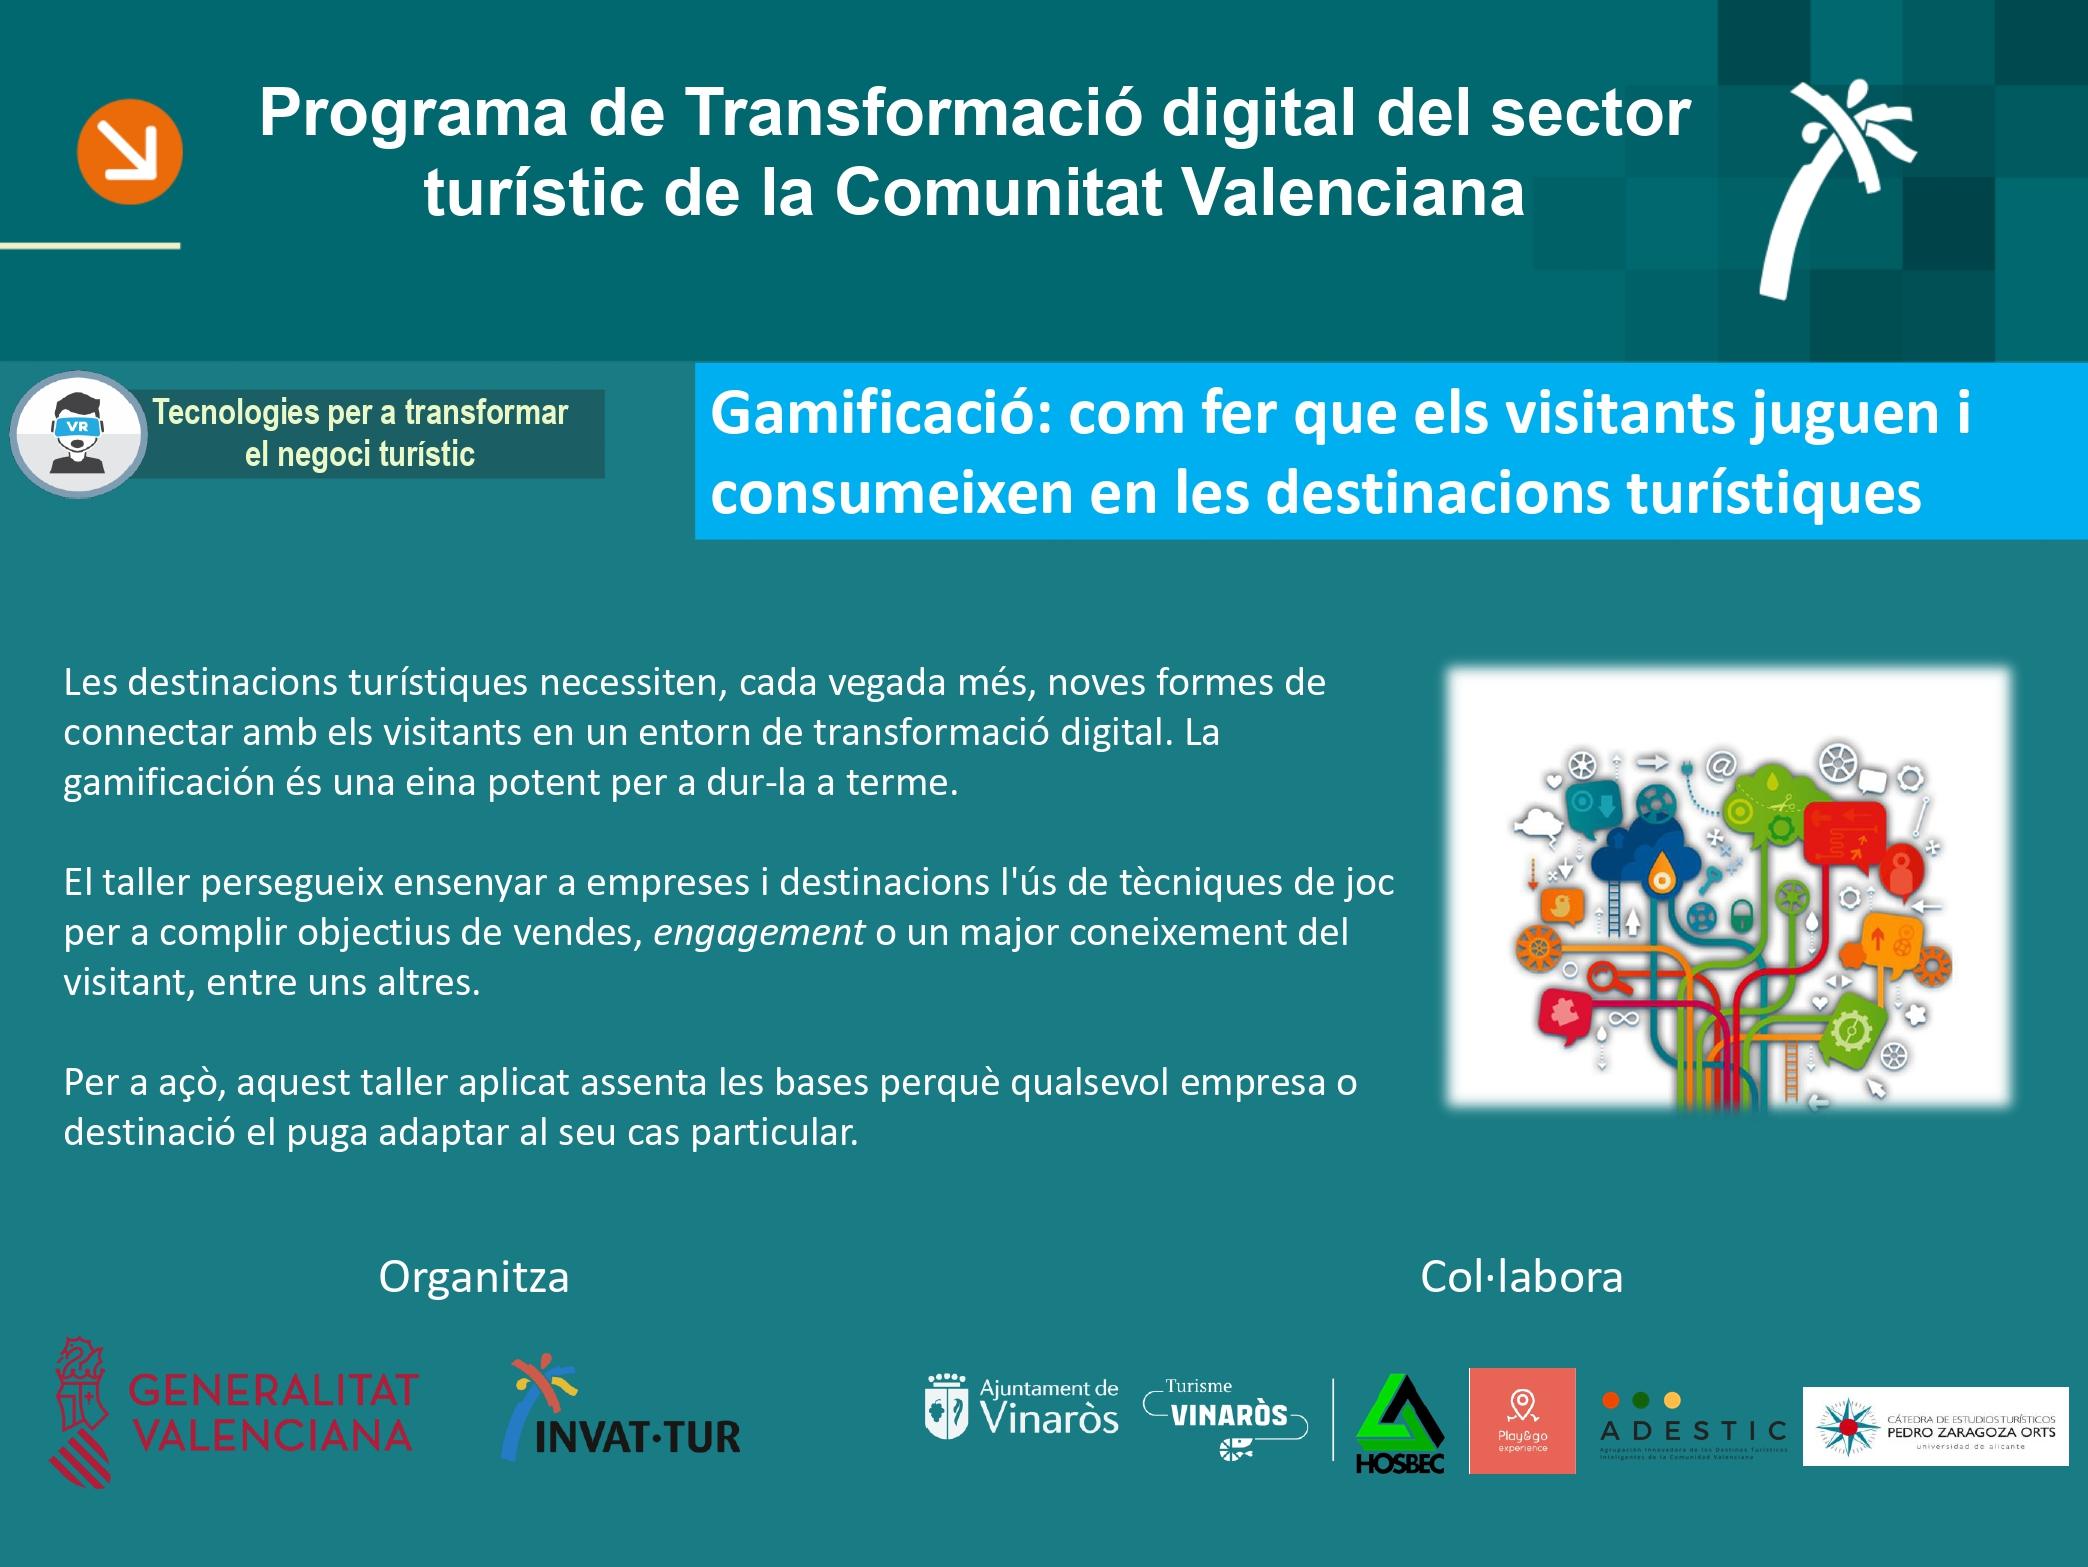 Programa Taller Gamificació en turisme organitzat per Invattur_Turisme Comunitat Valenciana 2019